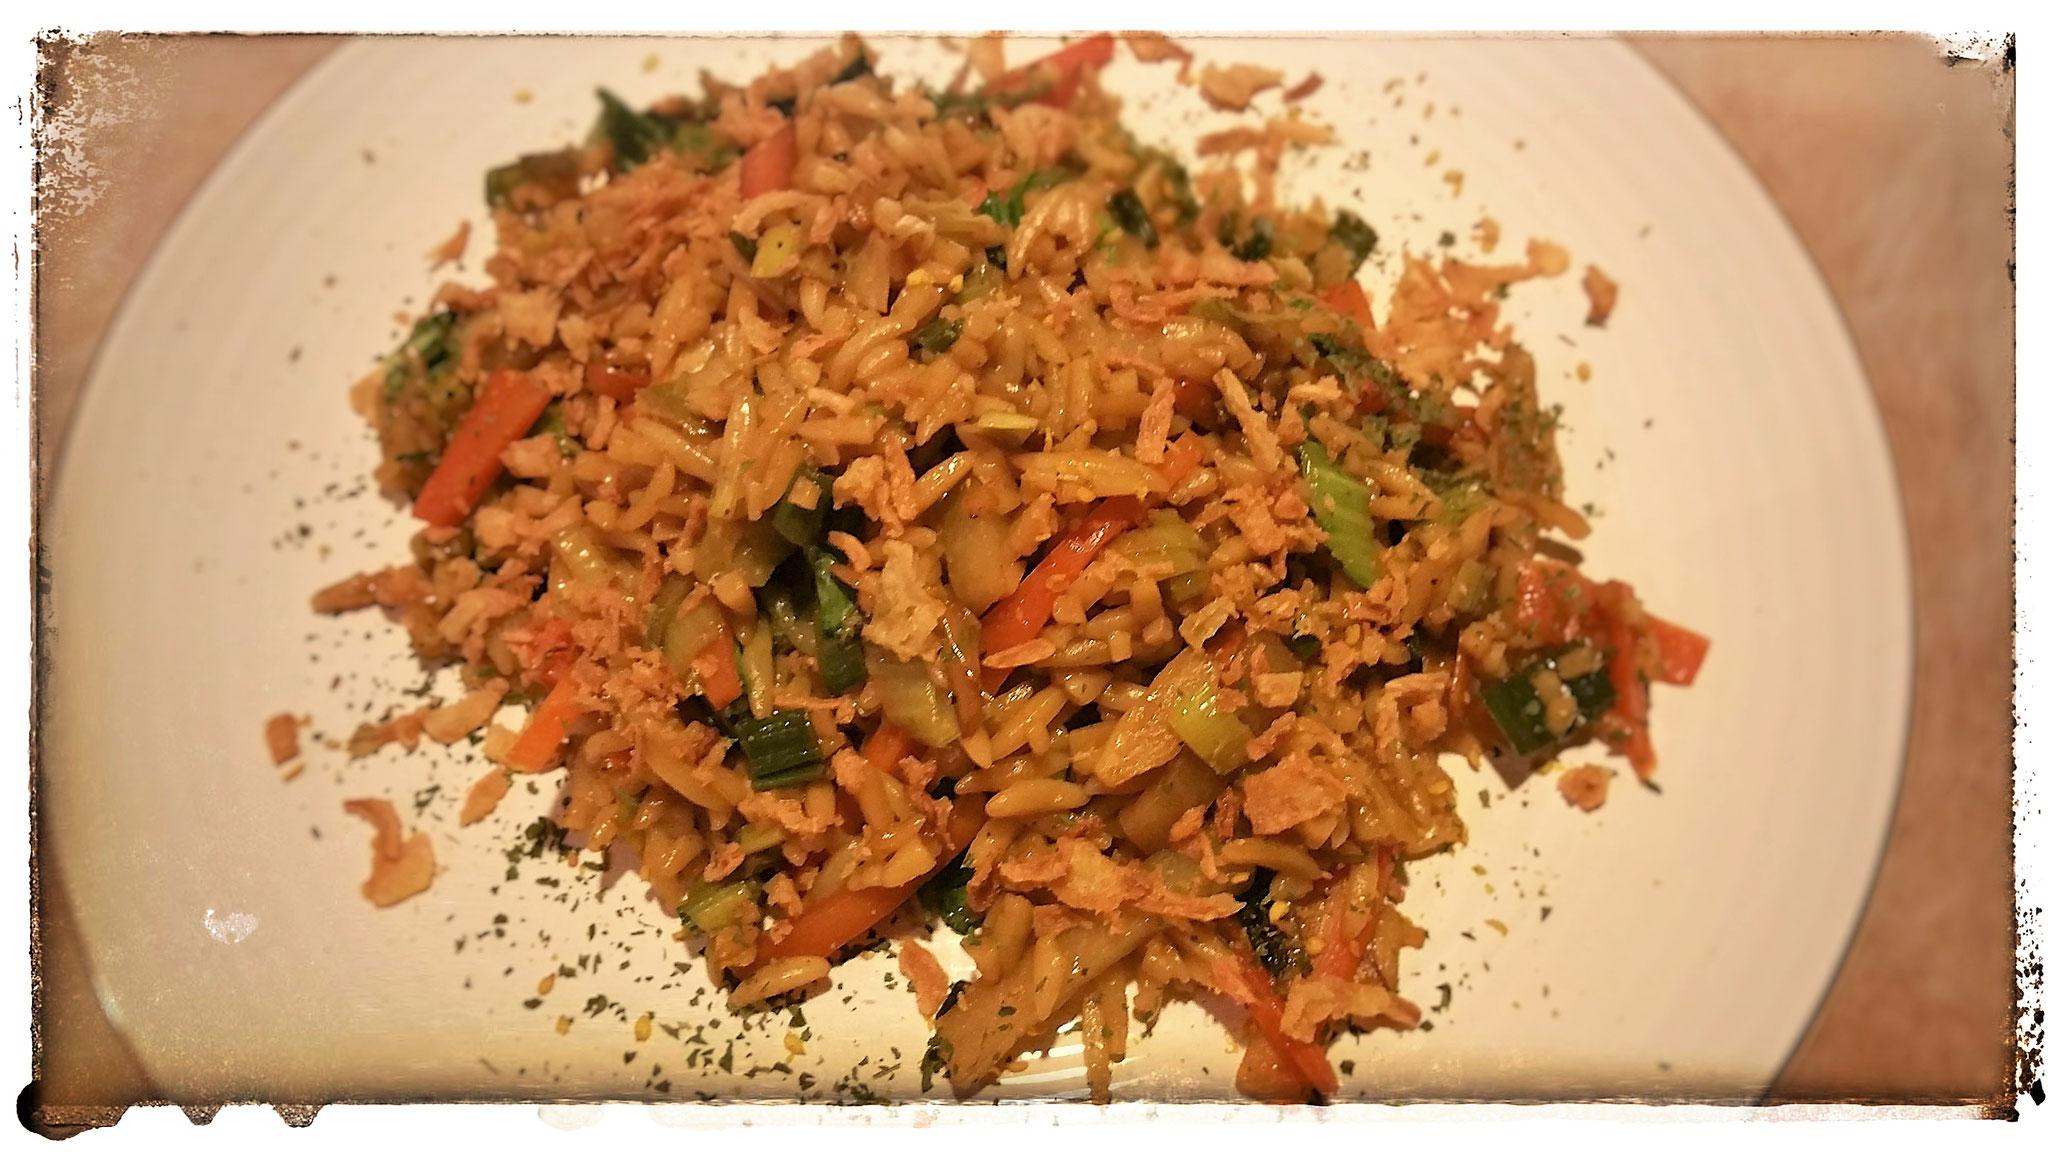 Gebratener Nudelreis  (Risoni) mit Gemüse